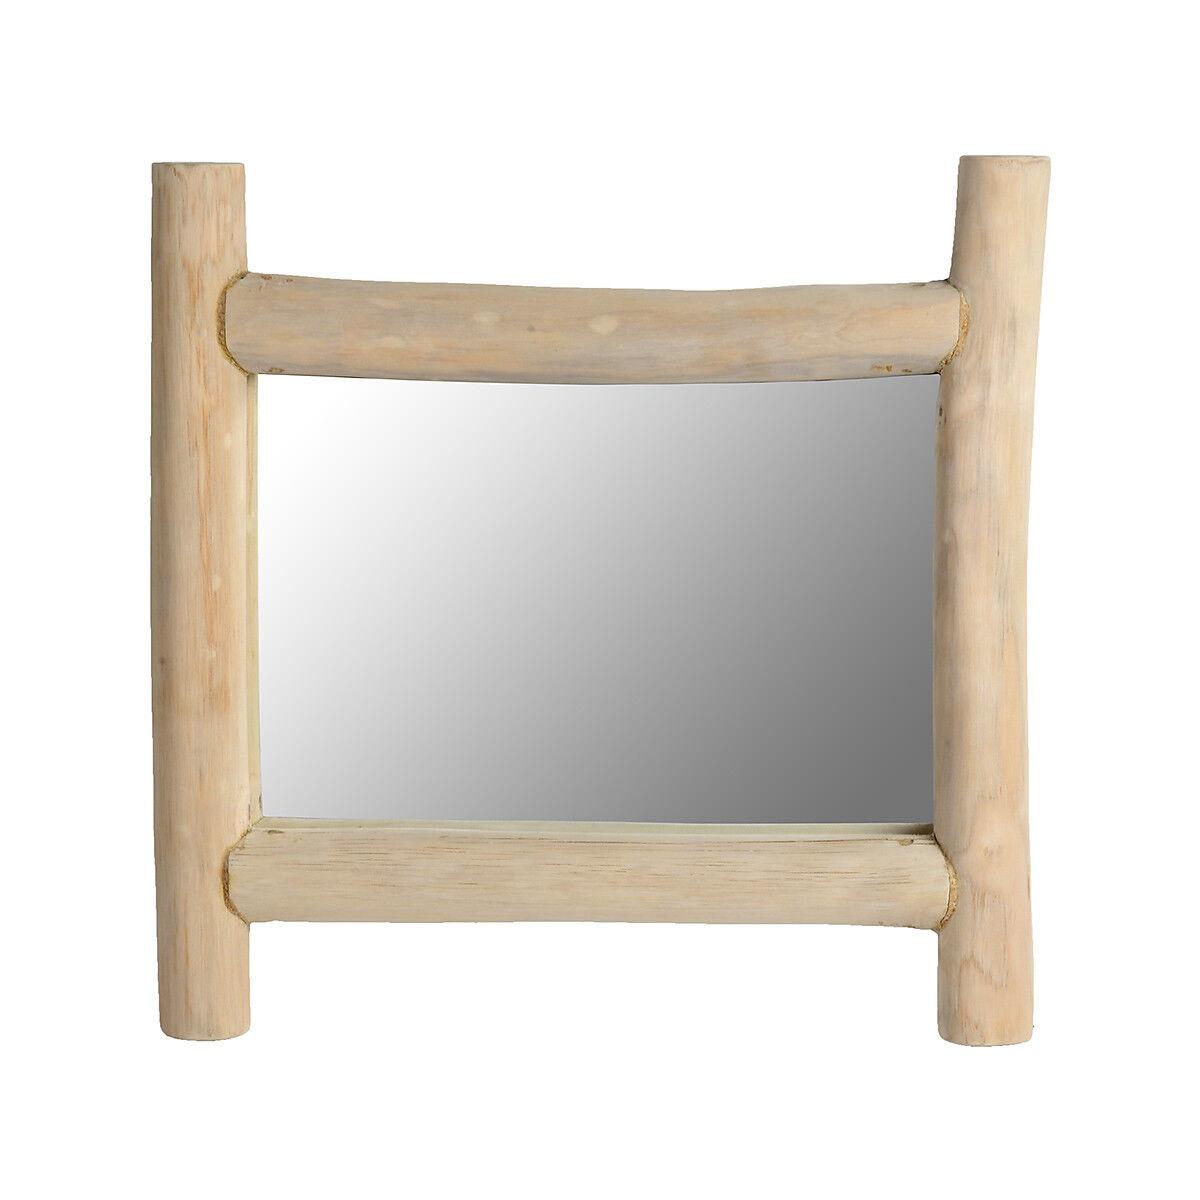 spiegel treibholz natur ca l 50 x h 50 x t 15 cm depot de. Black Bedroom Furniture Sets. Home Design Ideas